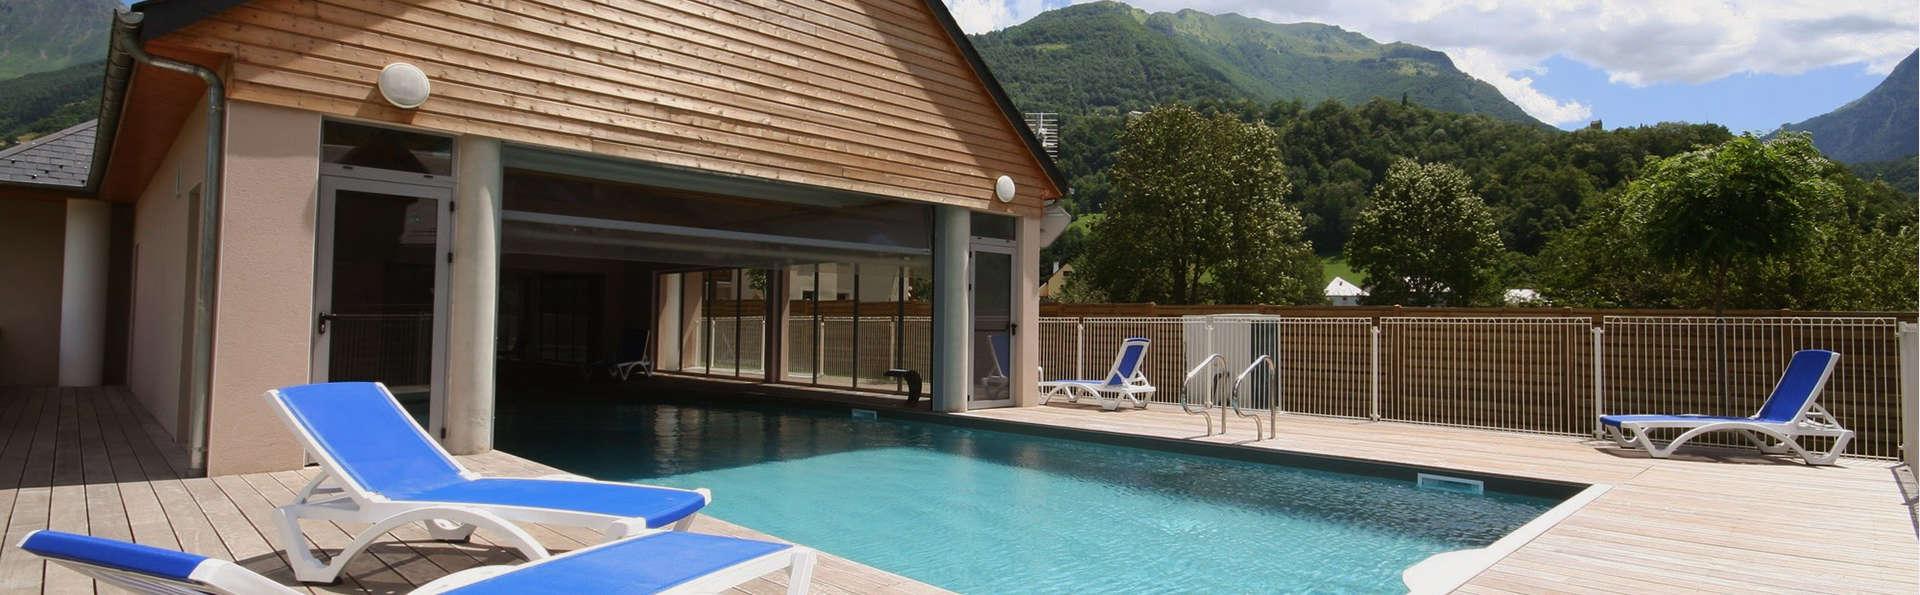 Domaine du Val de Roland - EDIT_Pools_1.jpg